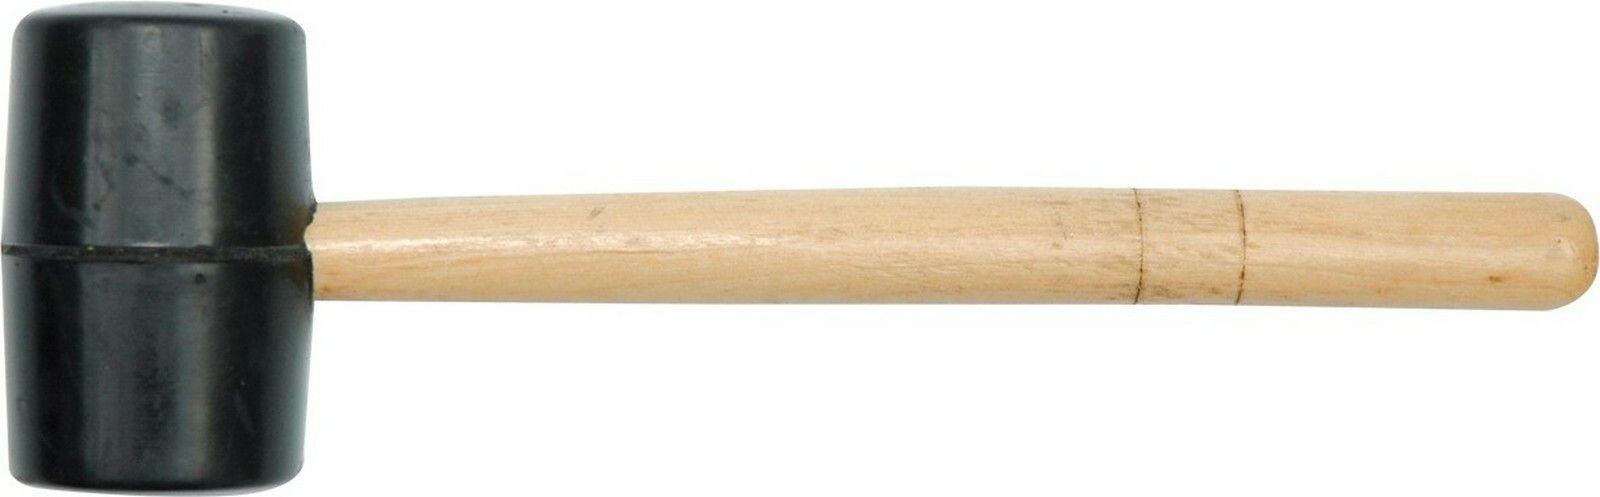 Palička gumová 55 mm TOYA